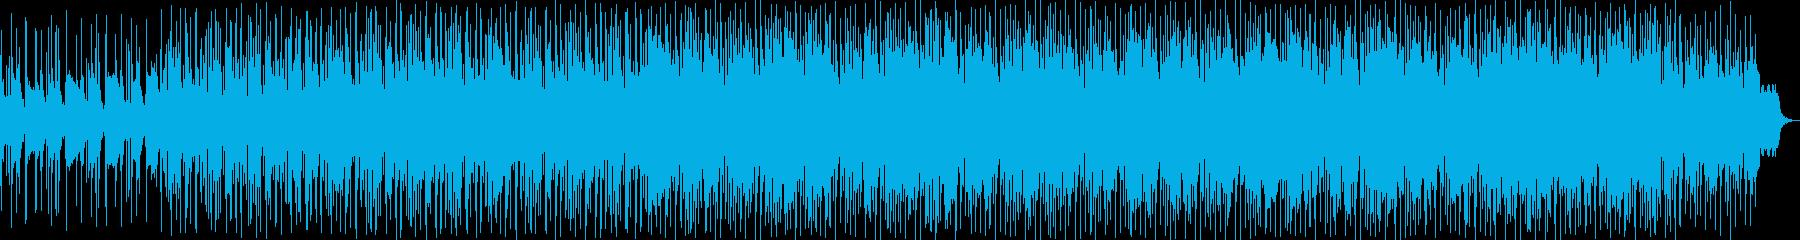 世界 説明的 お洒落 エキゾチック...の再生済みの波形